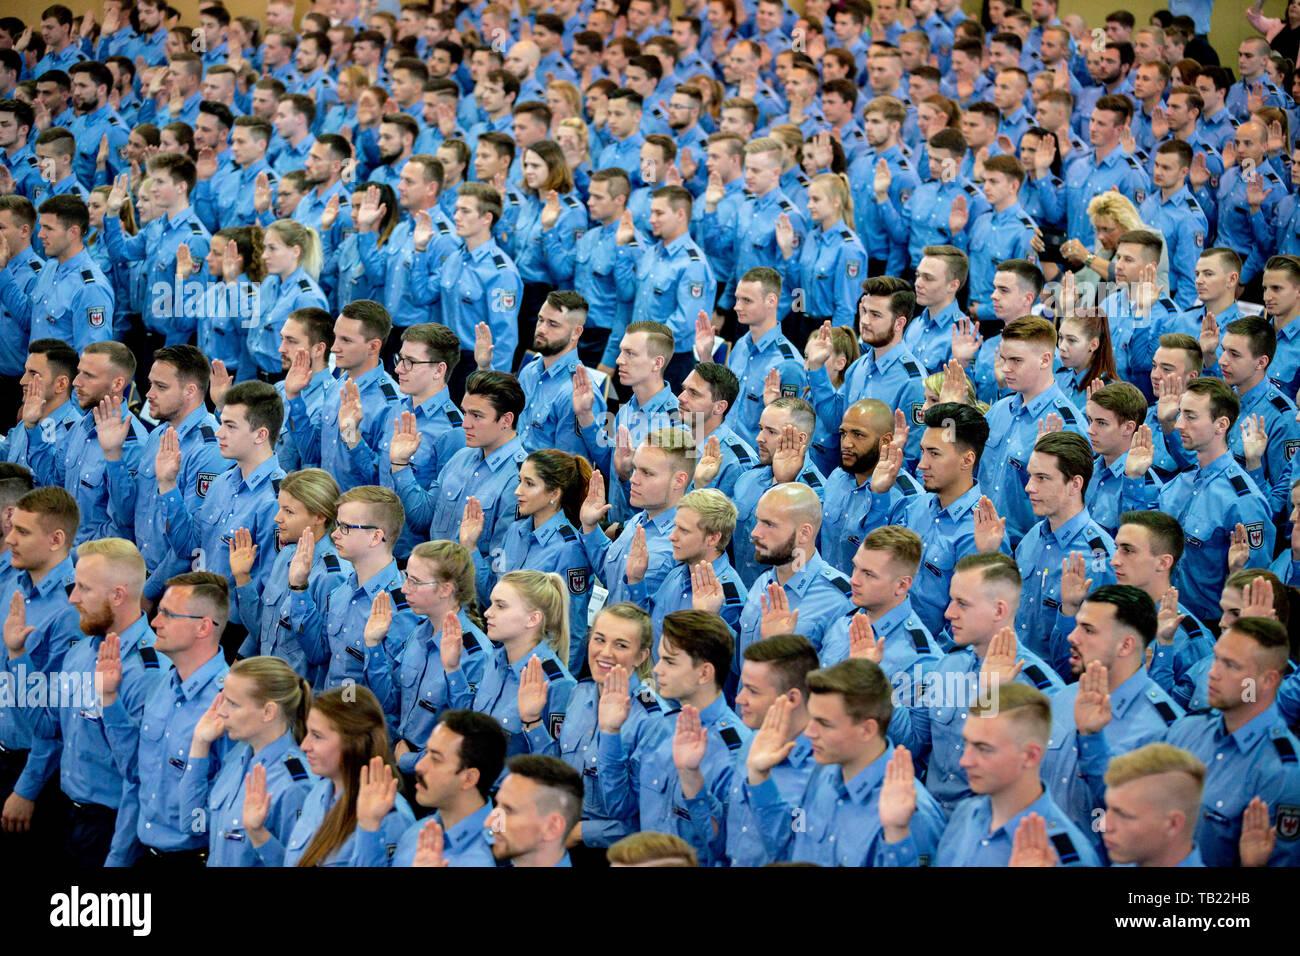 Oranienburg, Allemagne. 29 mai, 2019. Les futurs agents de police lever leur main droite au cours de la cérémonie d'assermentation des 2018 année de recrutement à l'Université de Sciences Appliquées de Oranienburg. Près de 400 policiers sont assermentés. Credit: Christoph Soeder/dpa/Alamy Live News Photo Stock